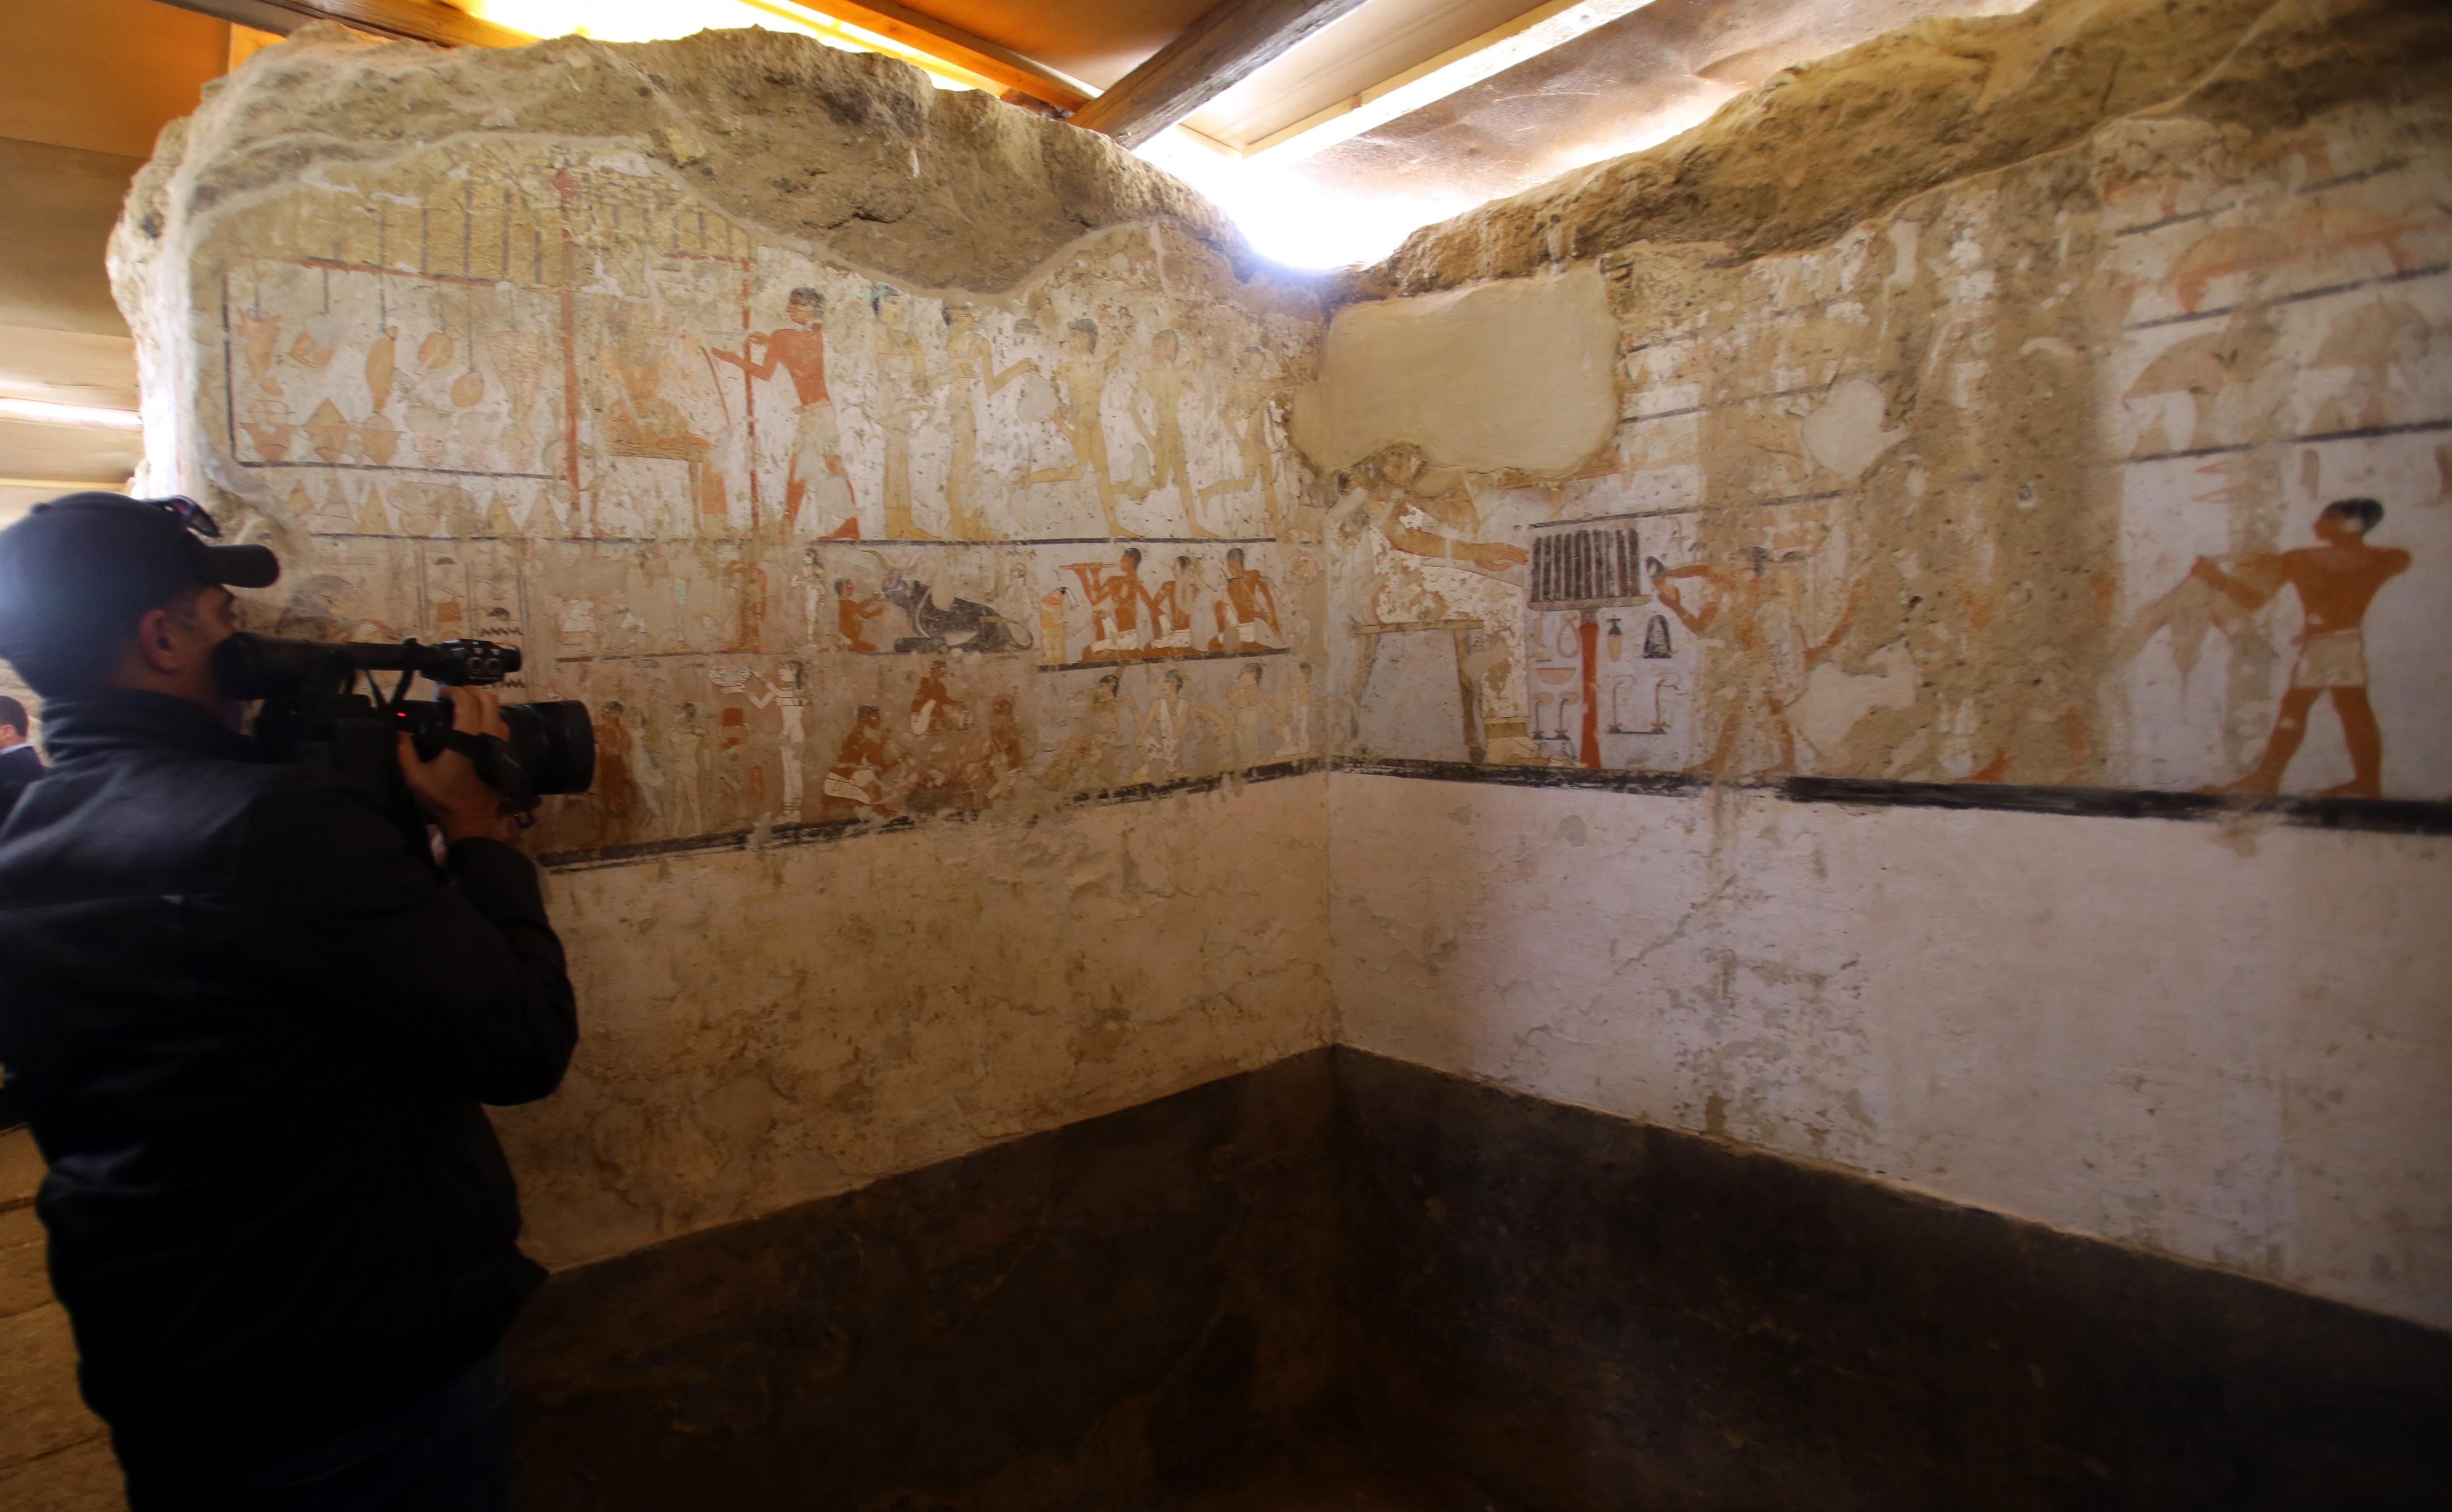 Descoperire importantă într-un cimitir din apropierea celebrelor piramide din Giza